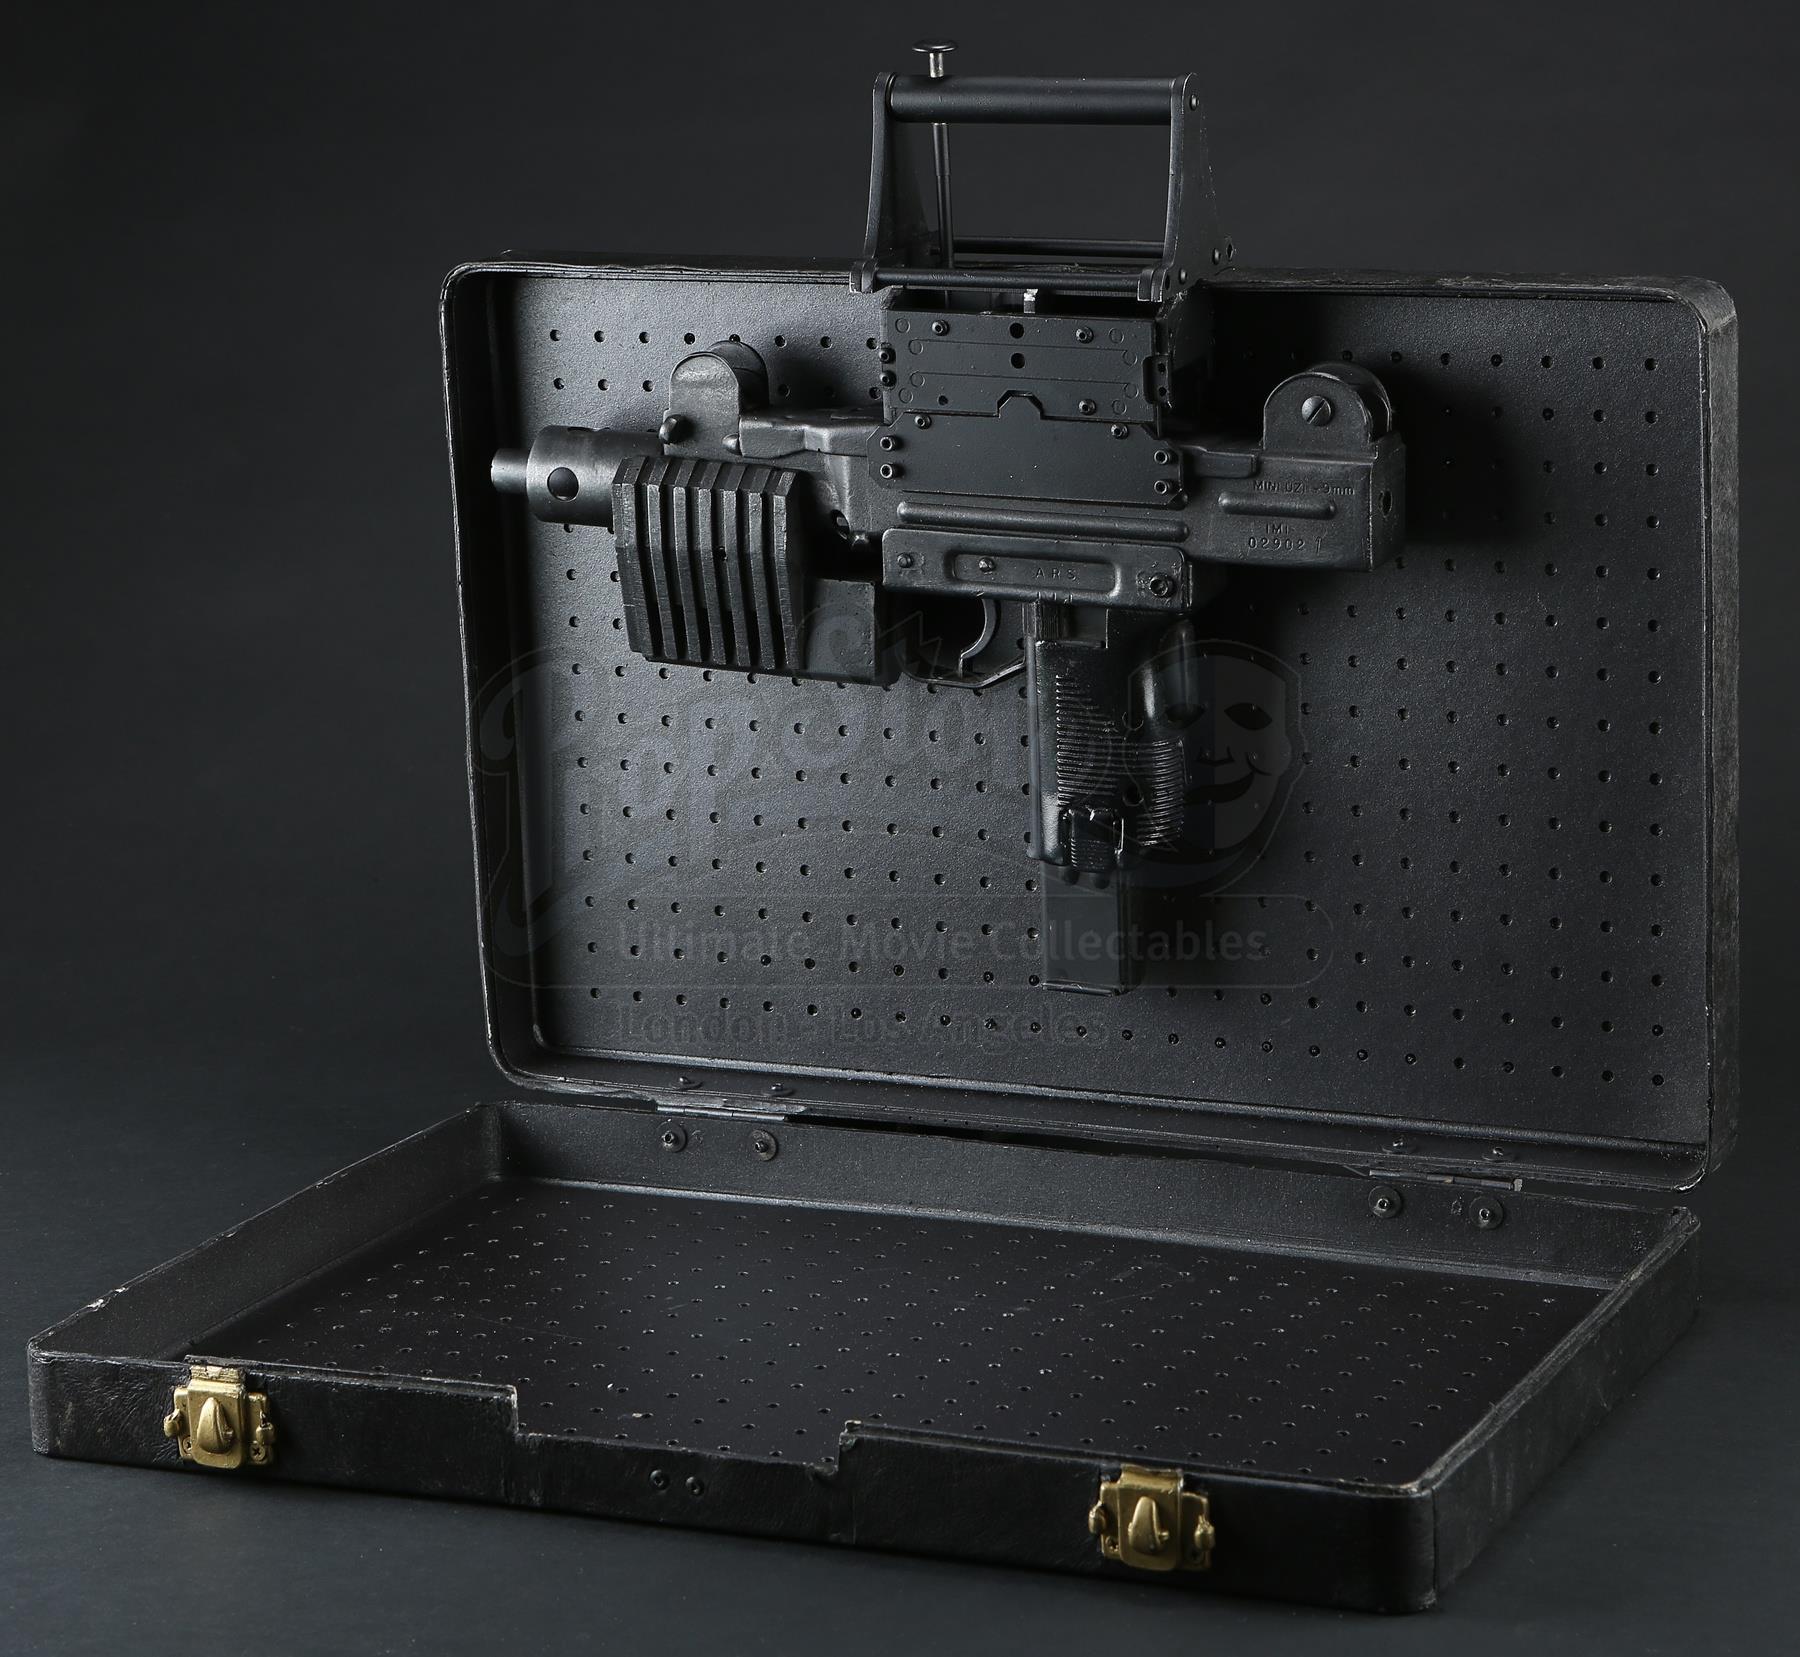 Maciej Hotel Yakuza Briefcase Mini Uzi Current Price 700